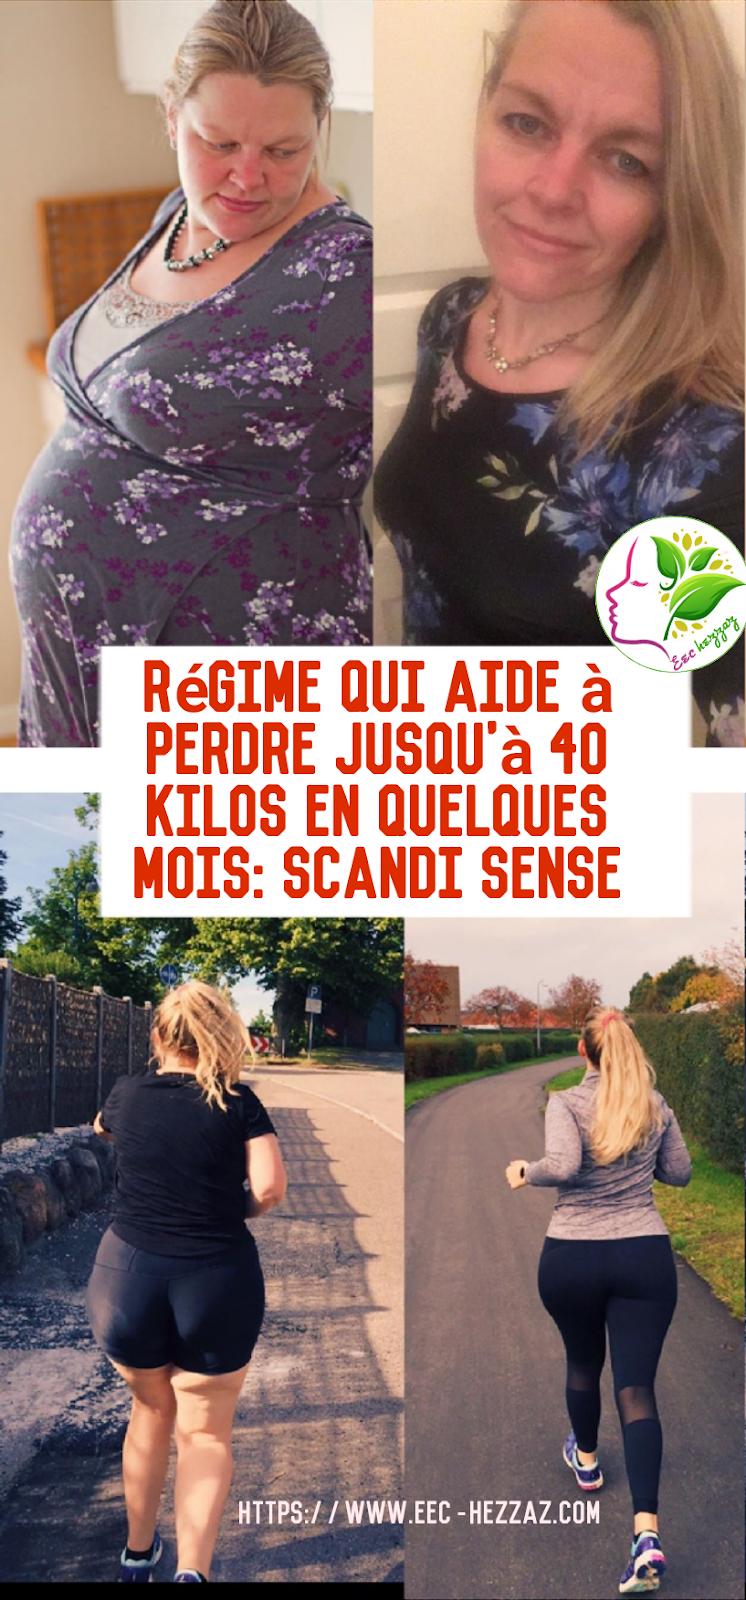 Régime qui aide à perdre jusqu'à 40 kilos en quelques mois: Scandi Sense